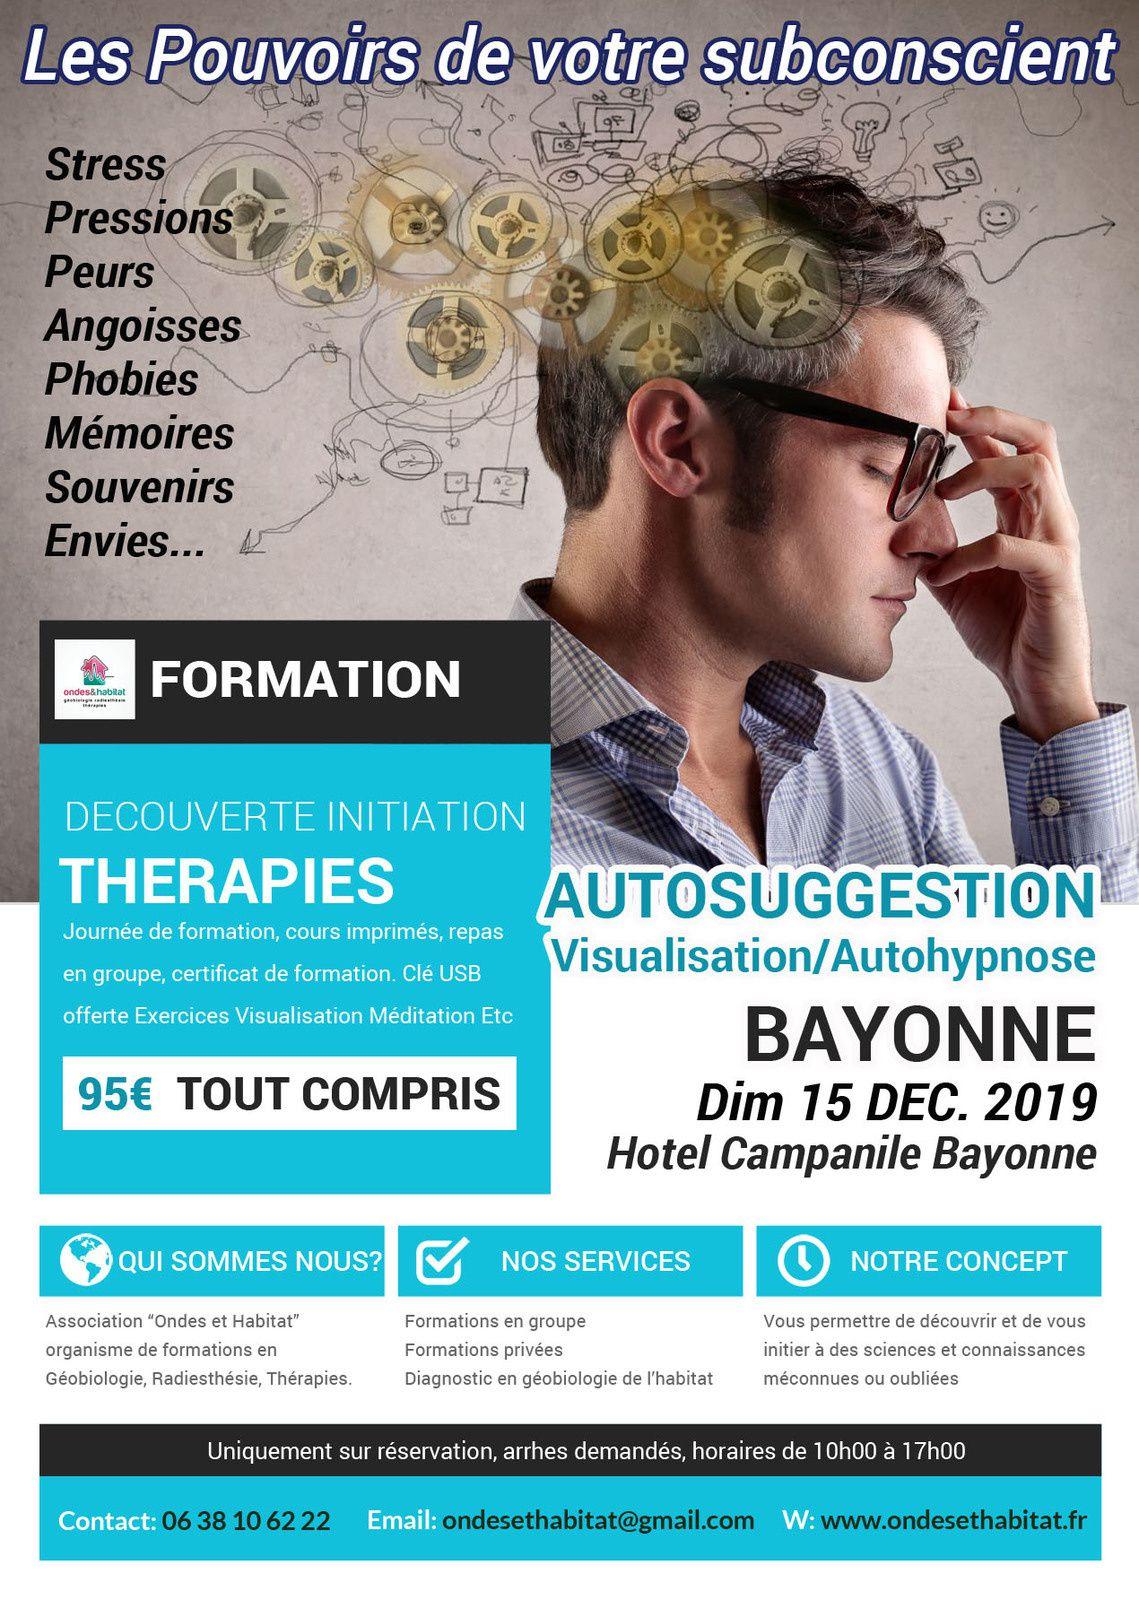 BAYONNE Formation : autosuggestion visualisation autoguérison «Découverte initiation» Dim. 15 Décembre 2019